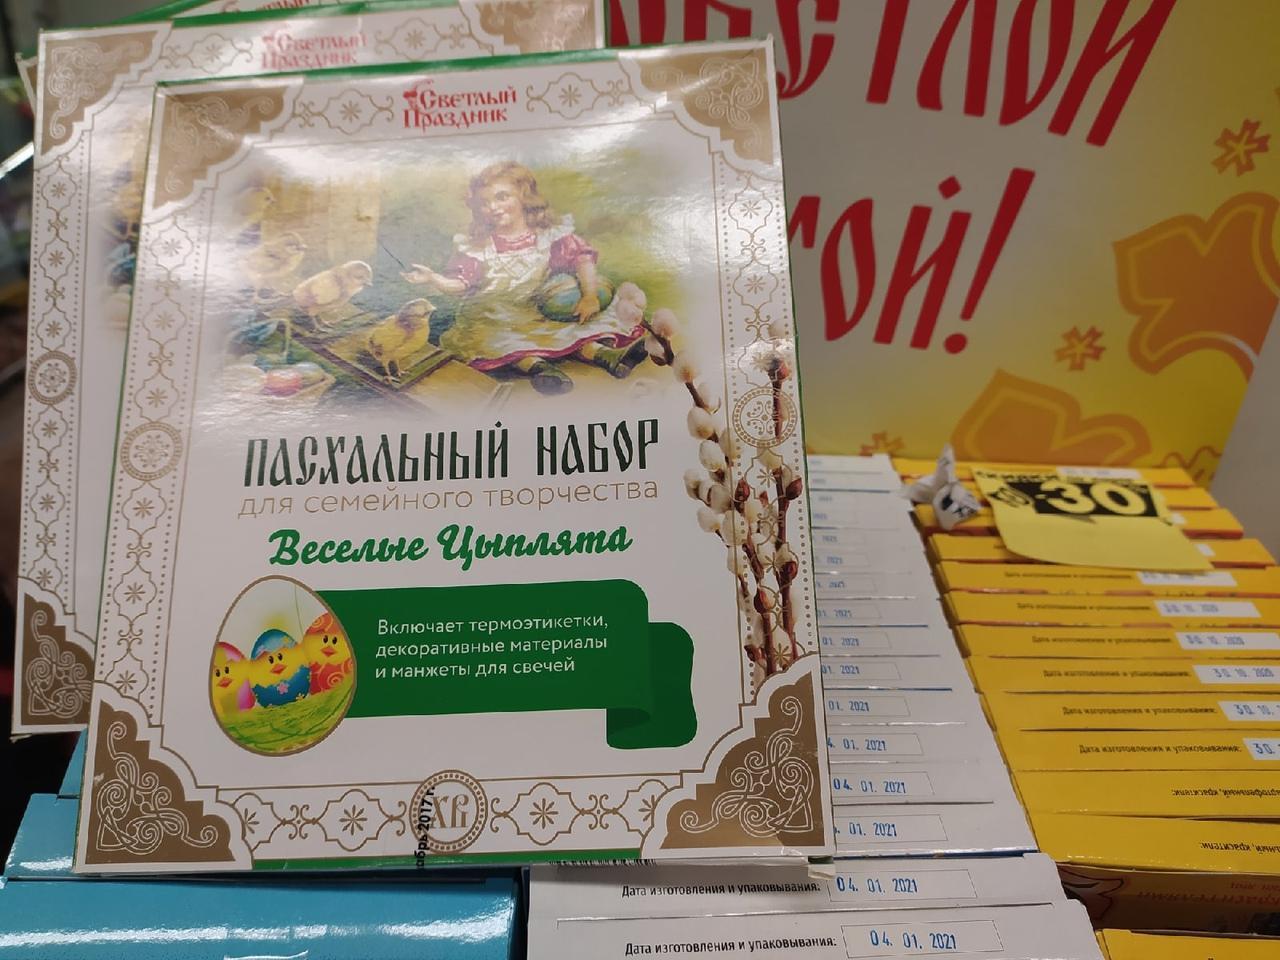 фото Куличи и красители для яиц к Пасхе: обзор цен на праздничные товары в Новосибирске 15